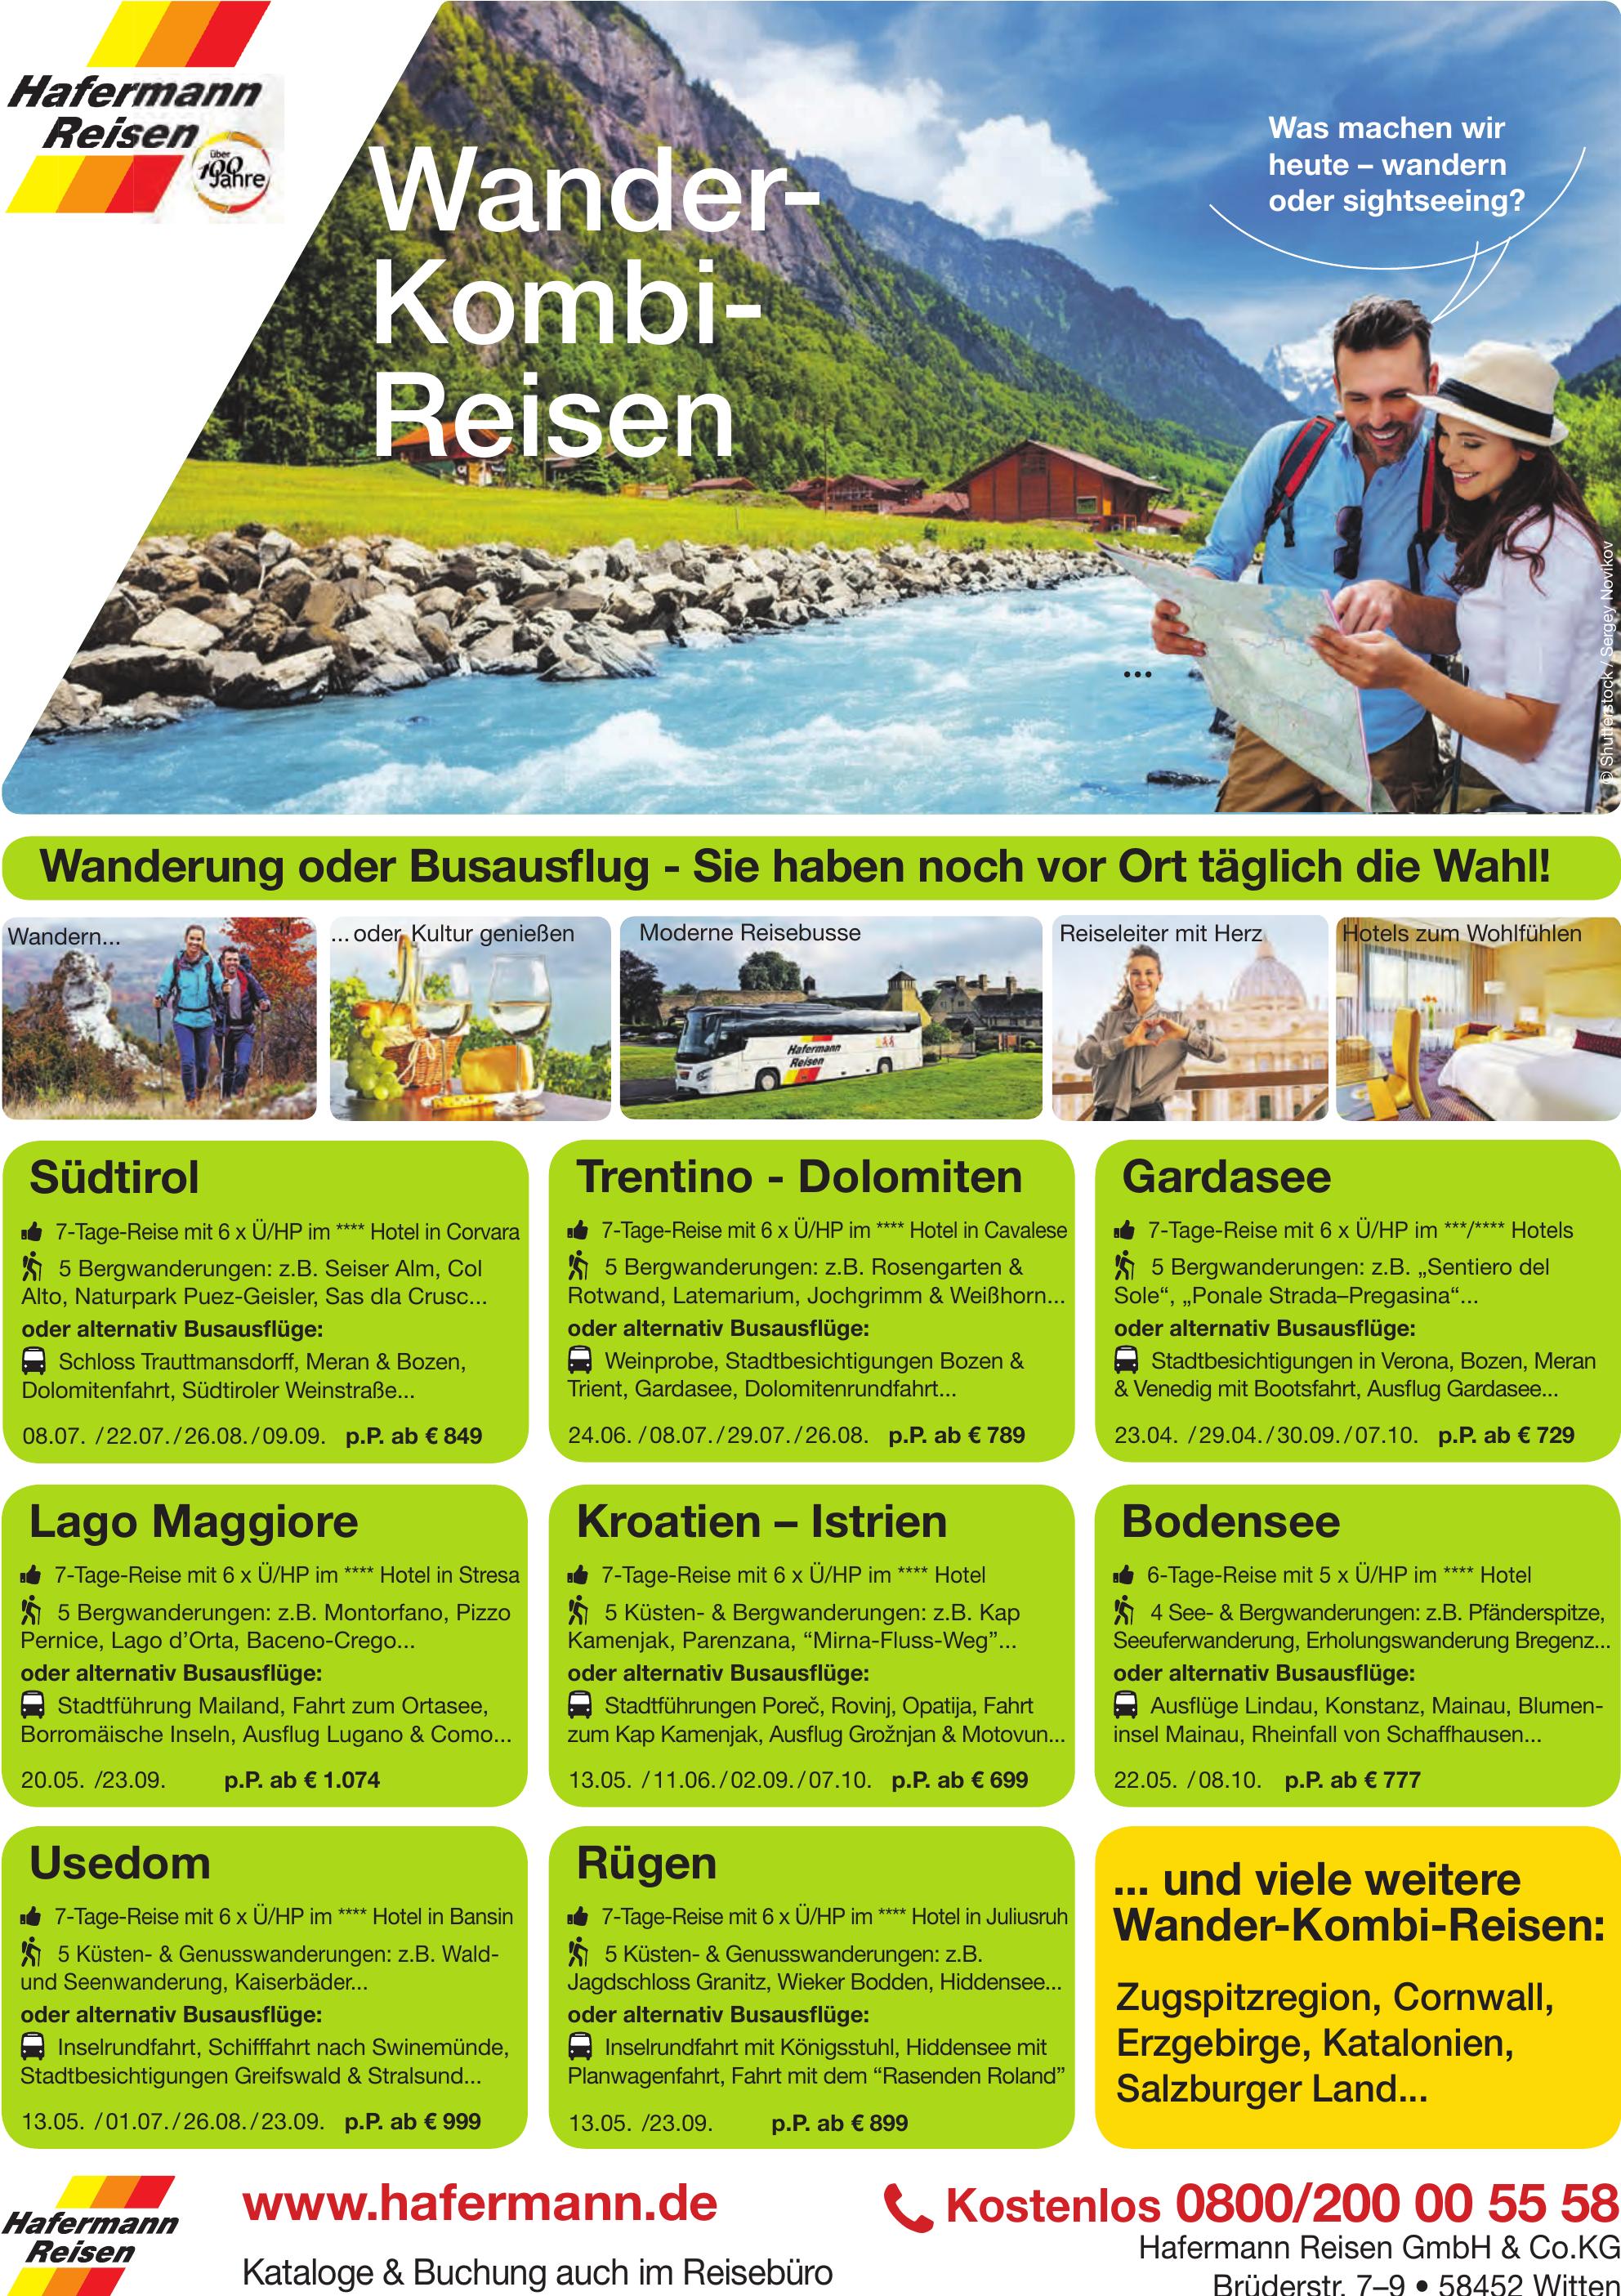 Hafermann Reisen GmbH & Co.KG